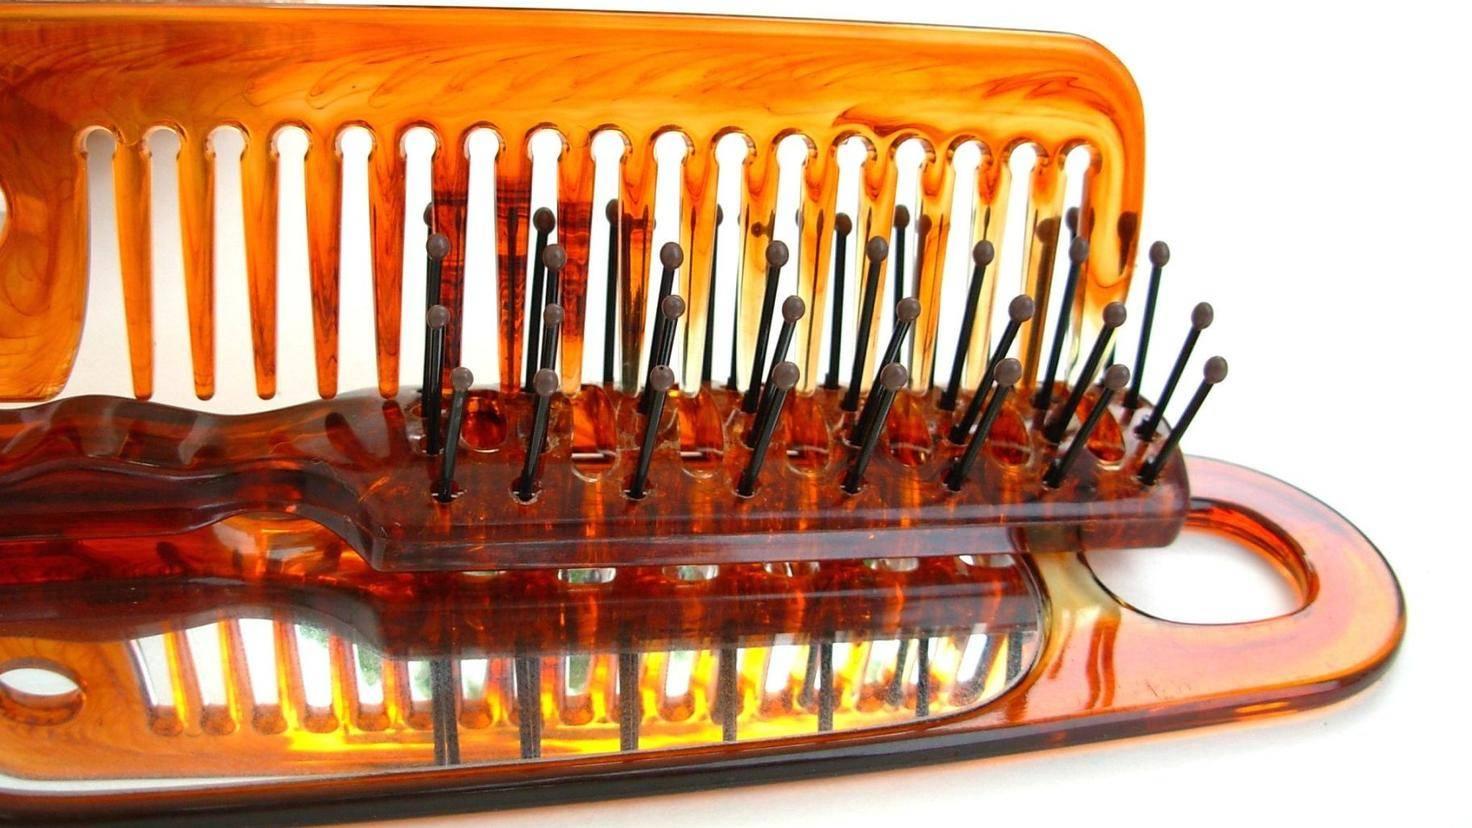 Auch Haarbürsten werden im Geschirrspüler wieder blitzeblank.